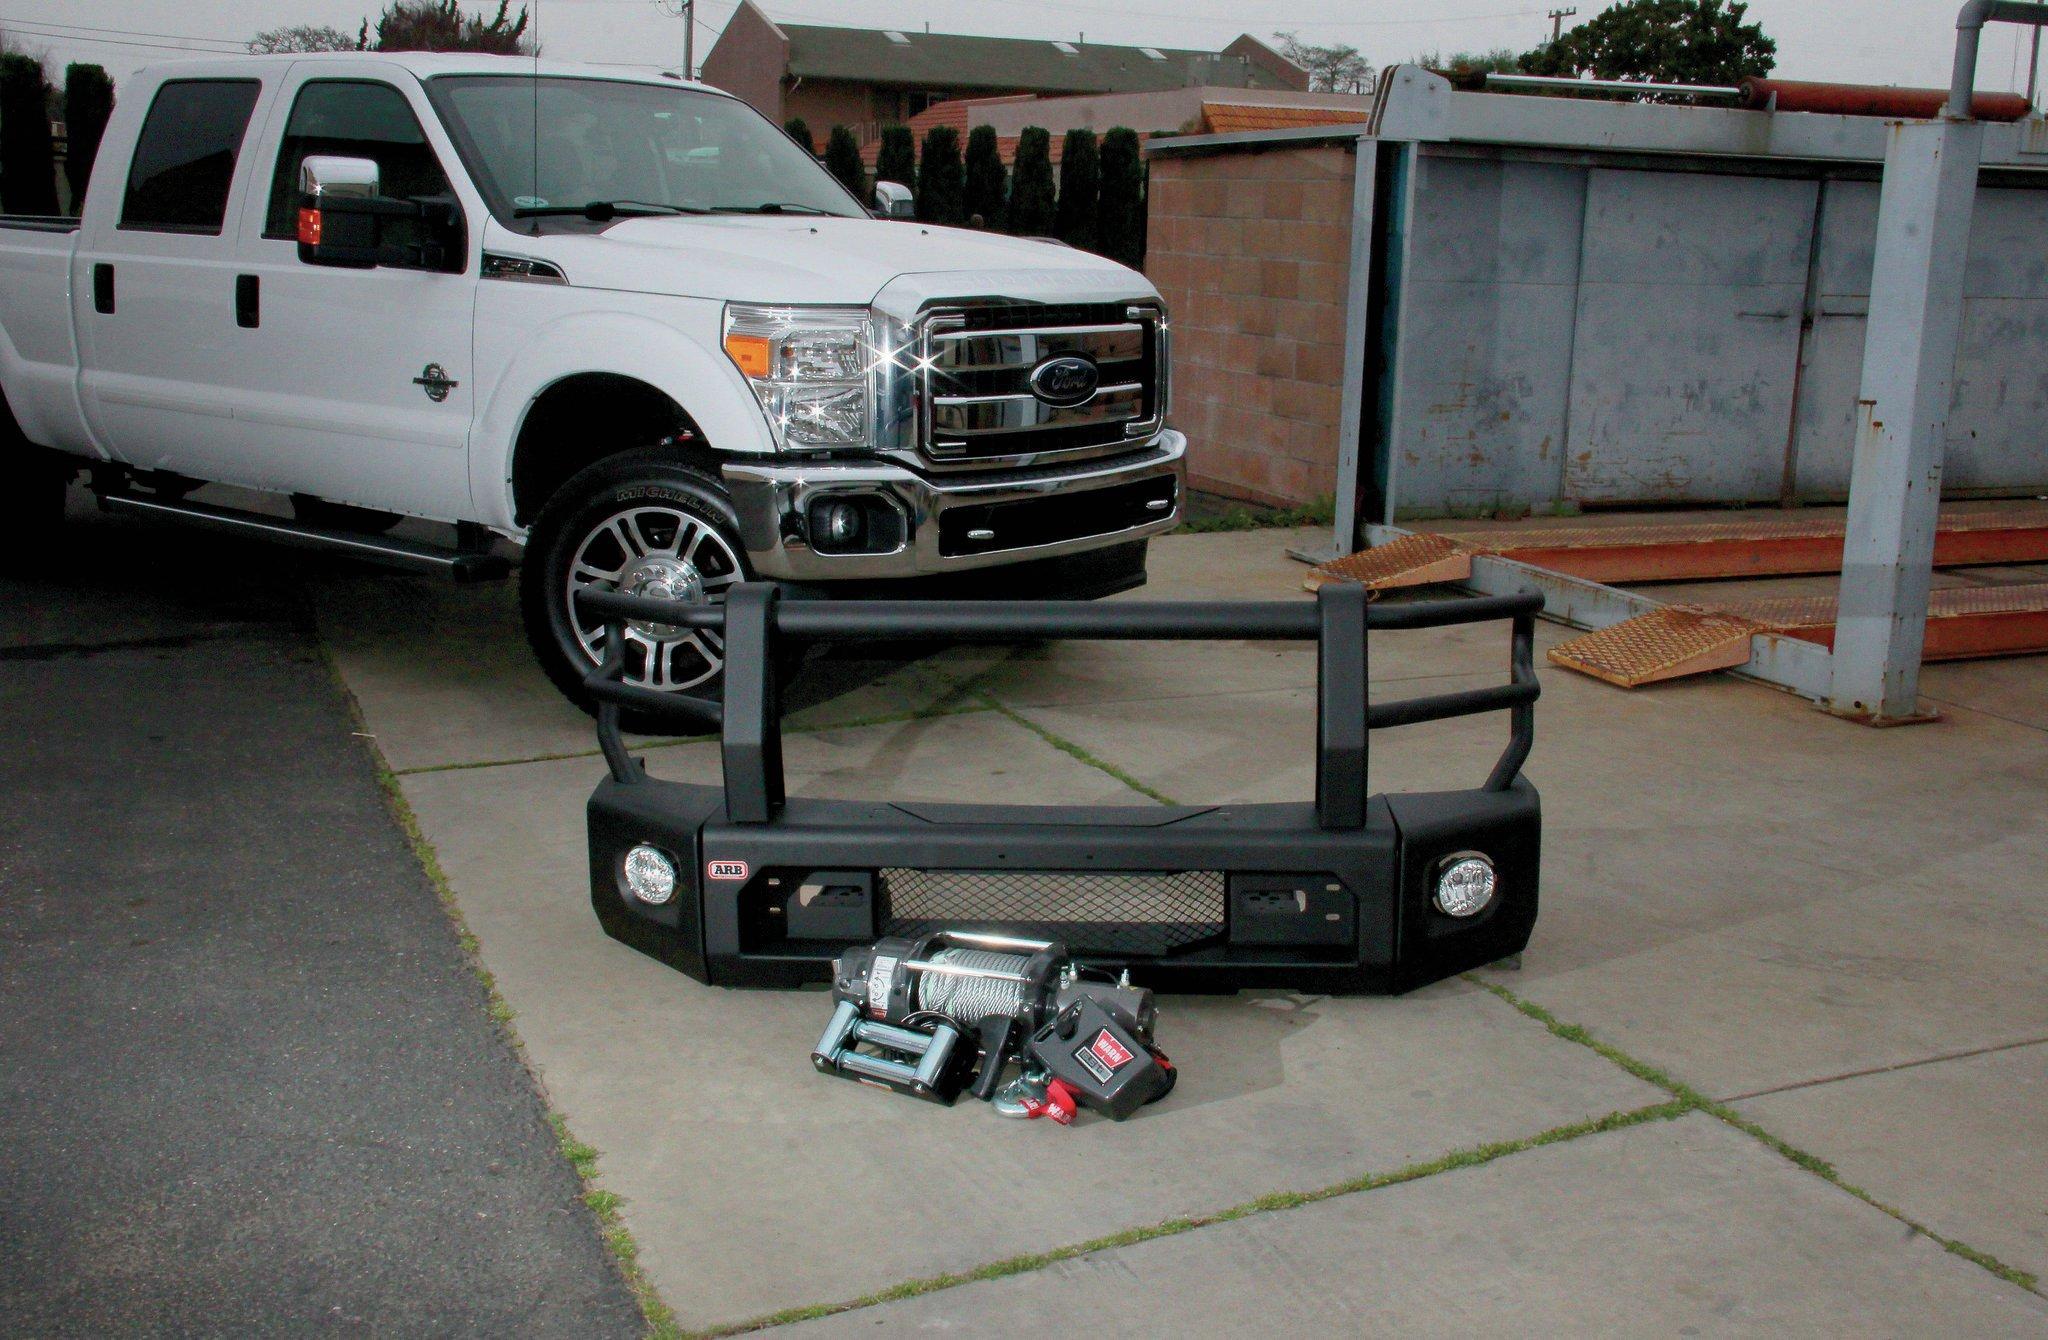 arb bumper and ford super duty [ 2048 x 1340 Pixel ]